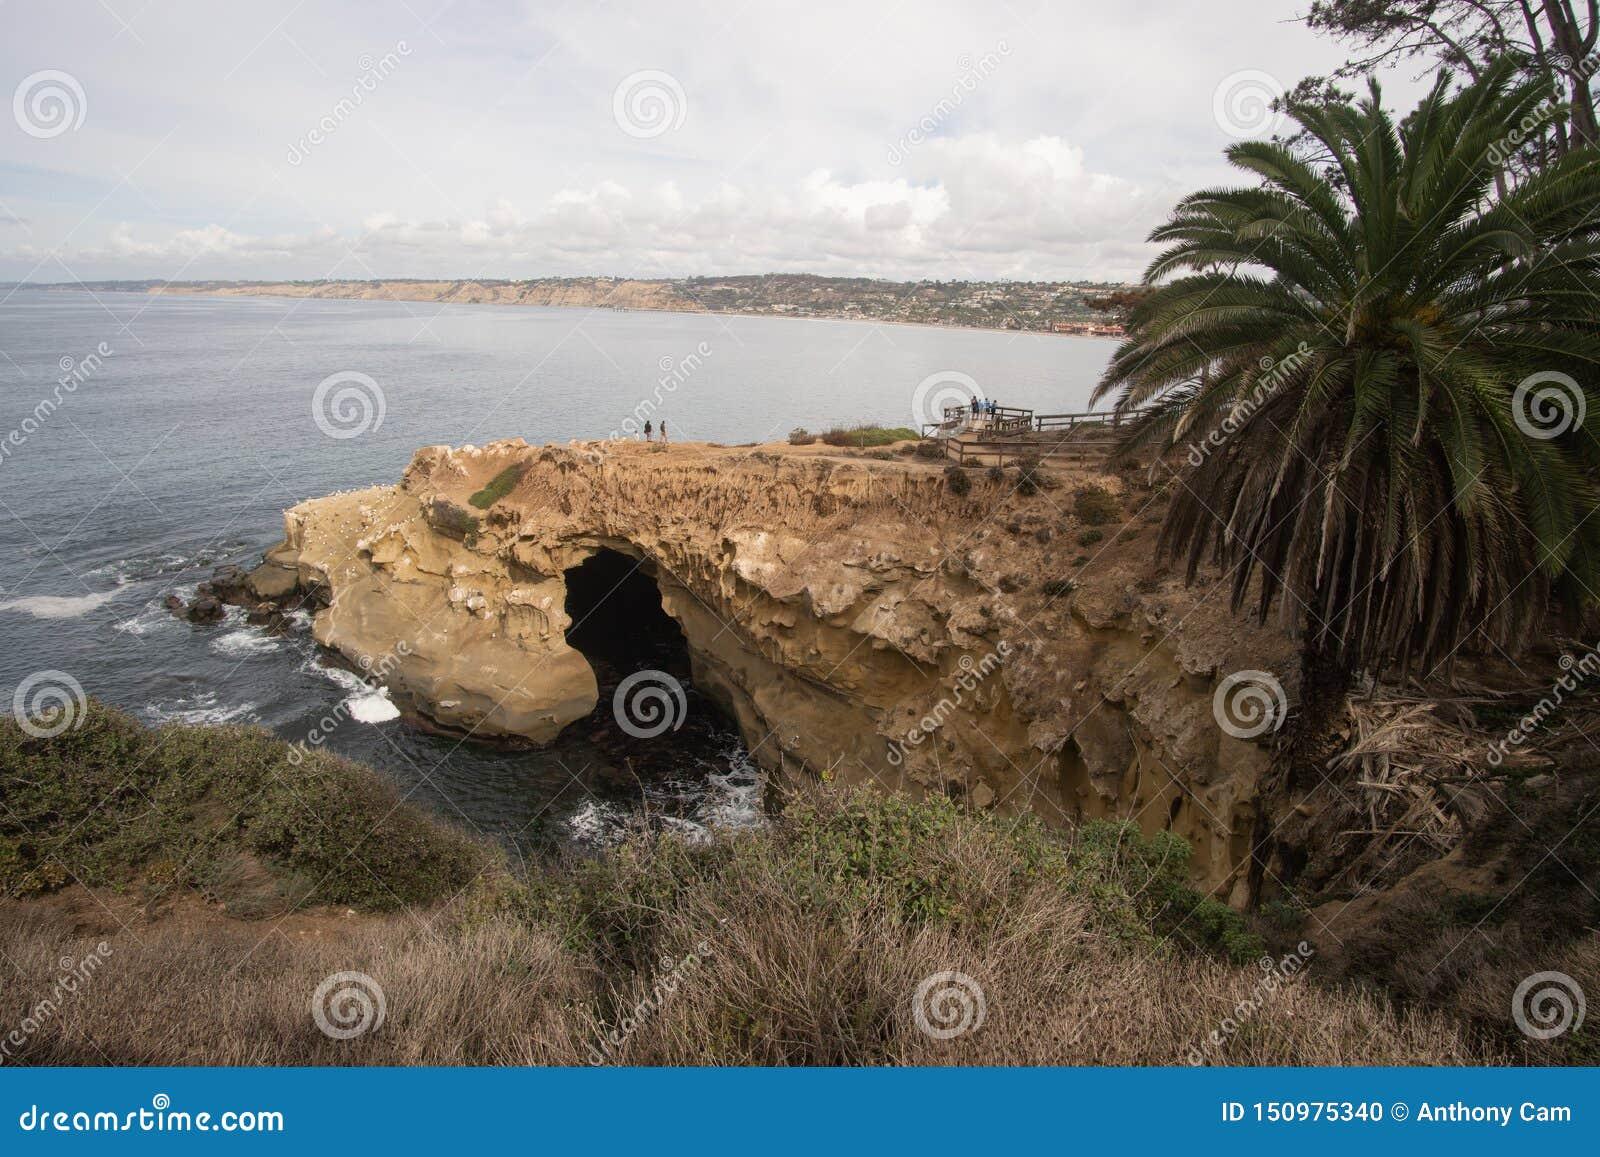 San Diego, Califórnia - outubro 31,2016: Turista não identificado em uma área rochosa do penhasco na praia de La Jolla